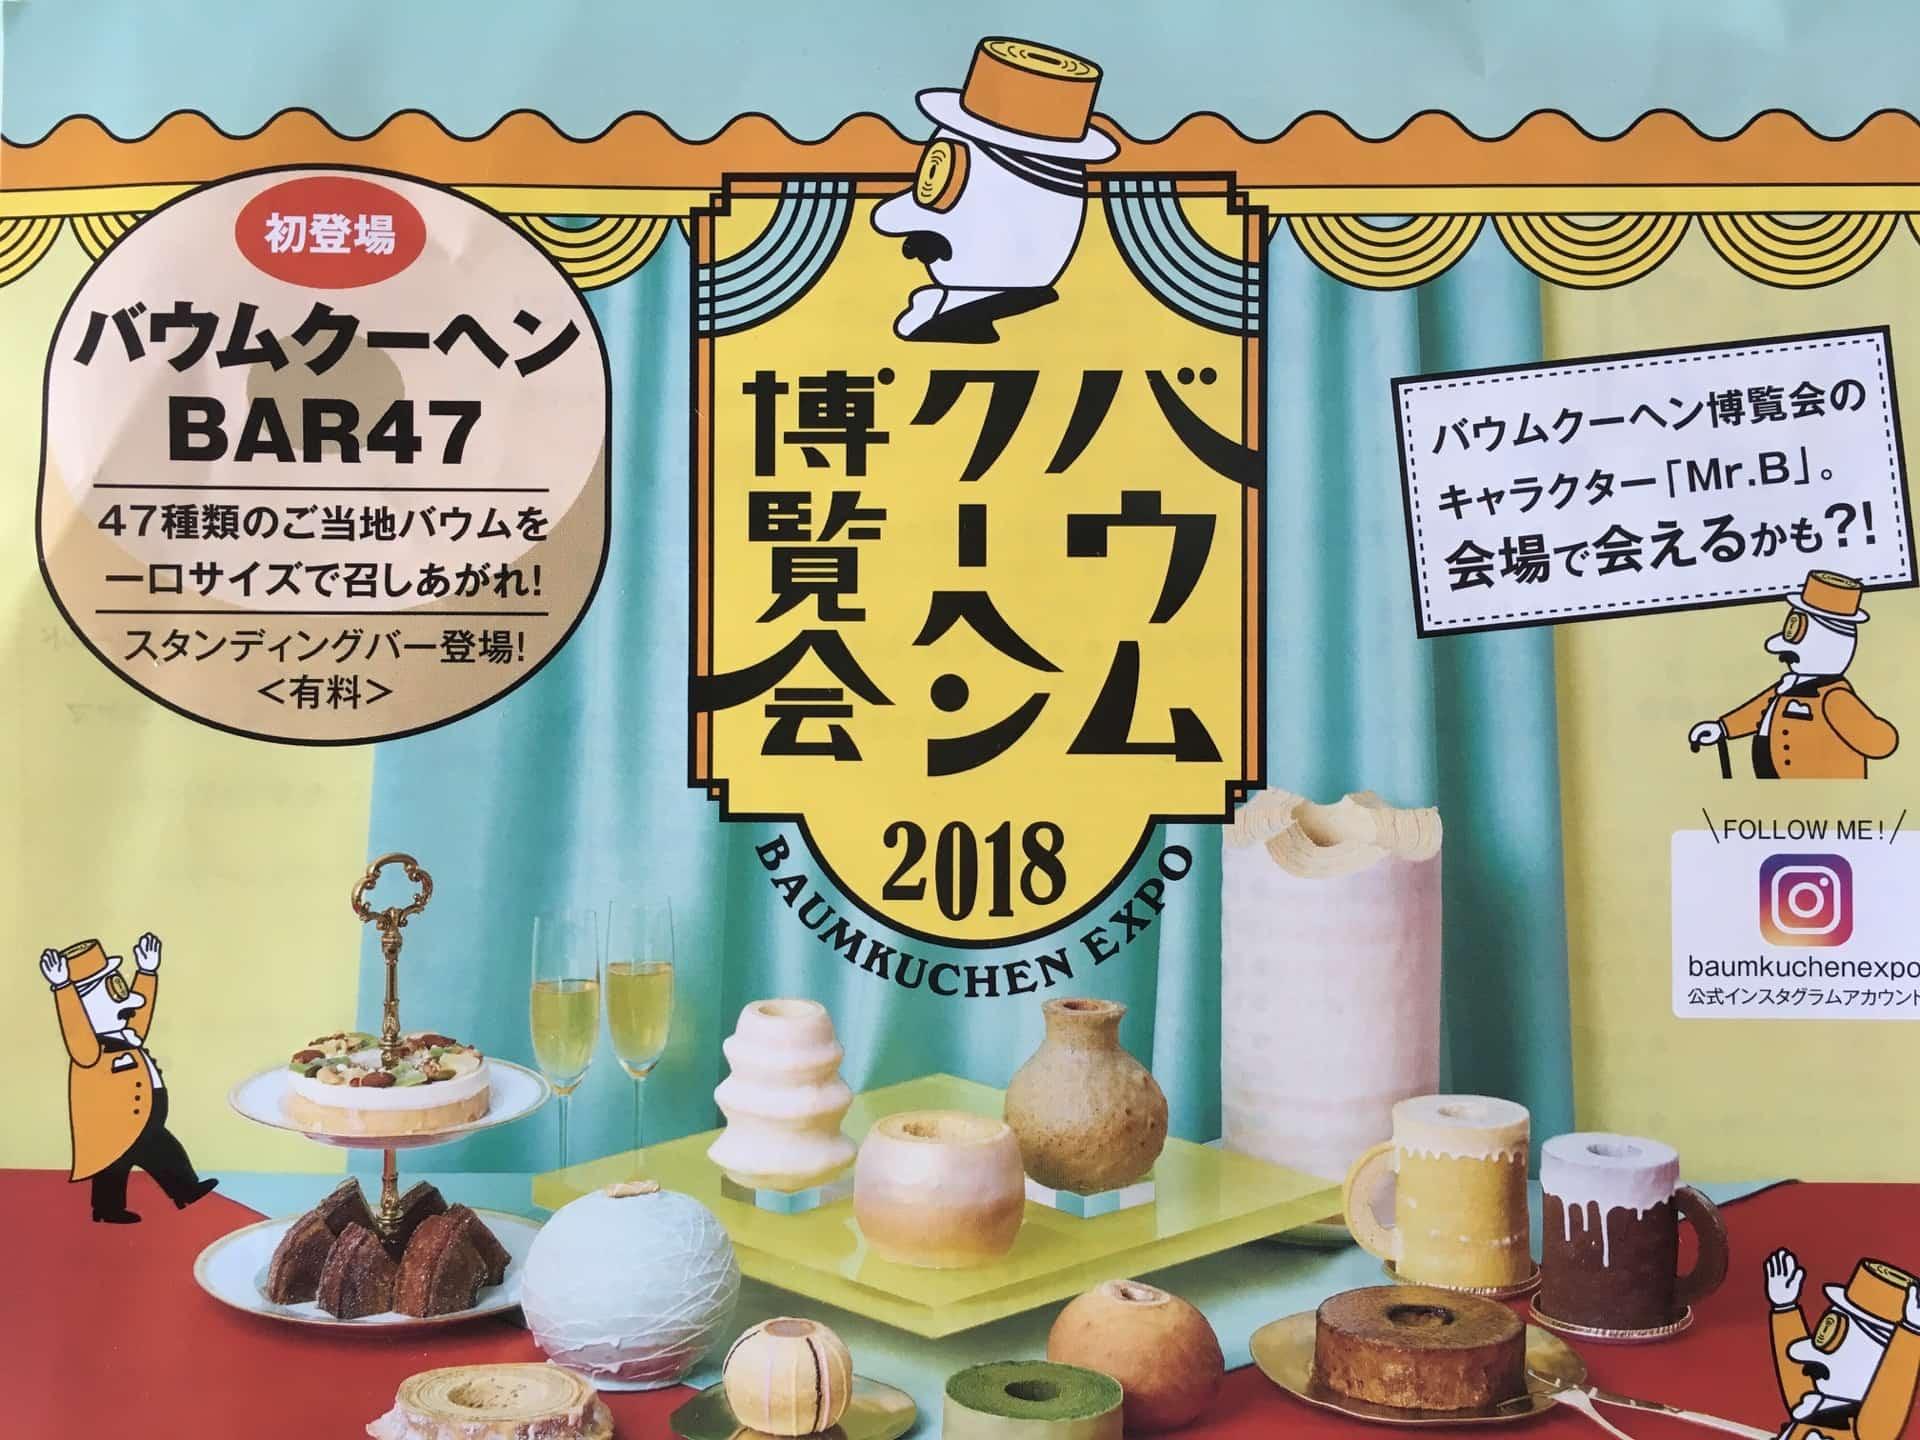 そごう神戸店で「バウムクーヘン博覧会2018」開催!全国47都道府県のバウムクーヘンが集結